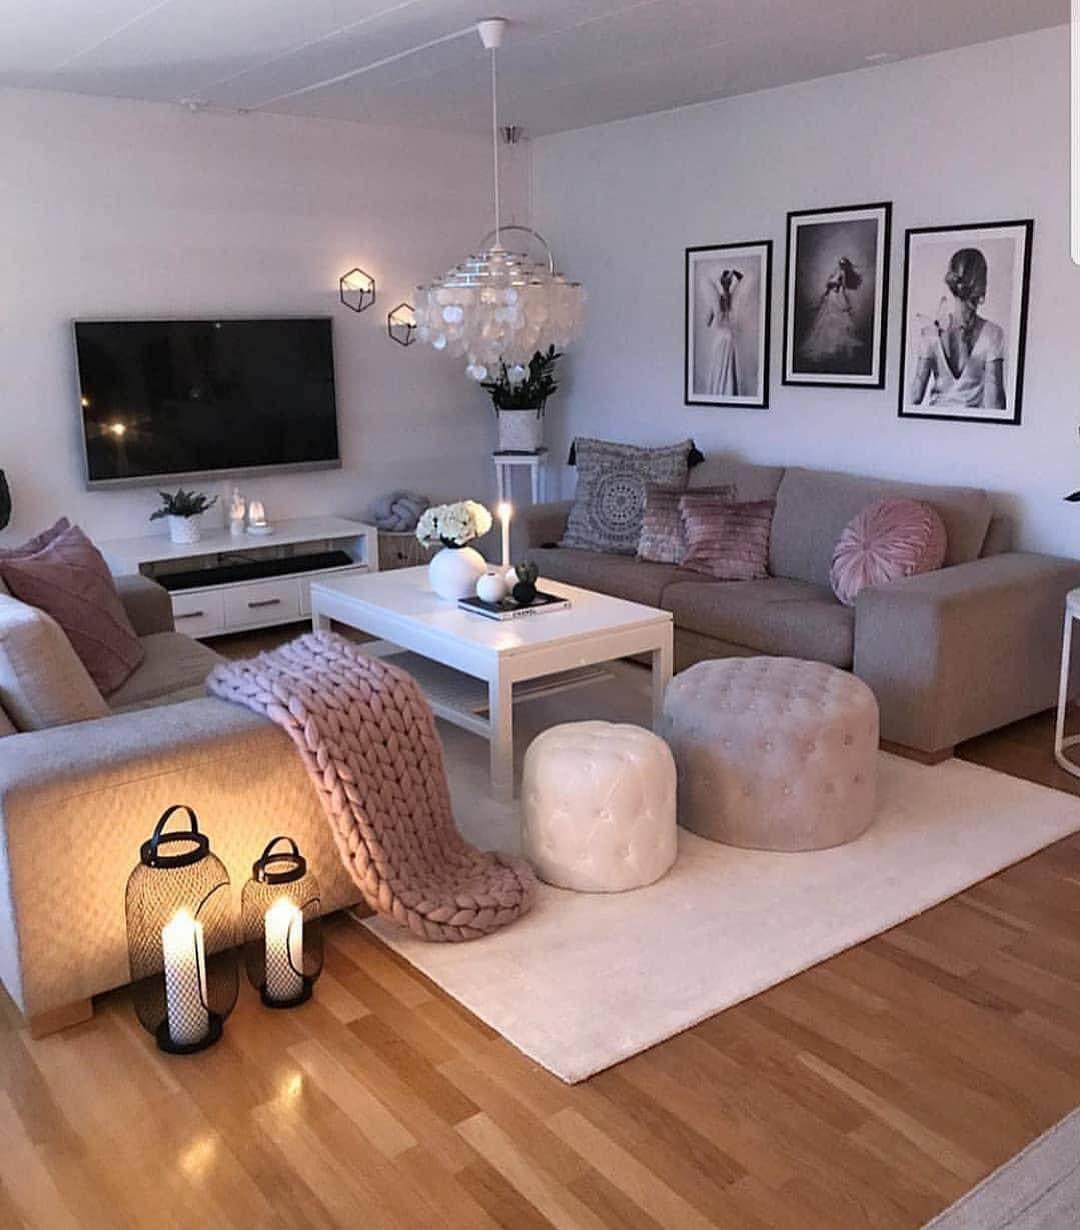 Interior Design Interior Design Ideas Living Room Decor Living Room Ideas Living Small Apartment Living Room Apartment Living Room Living Room Decor Apartment #small #living #room #interiors